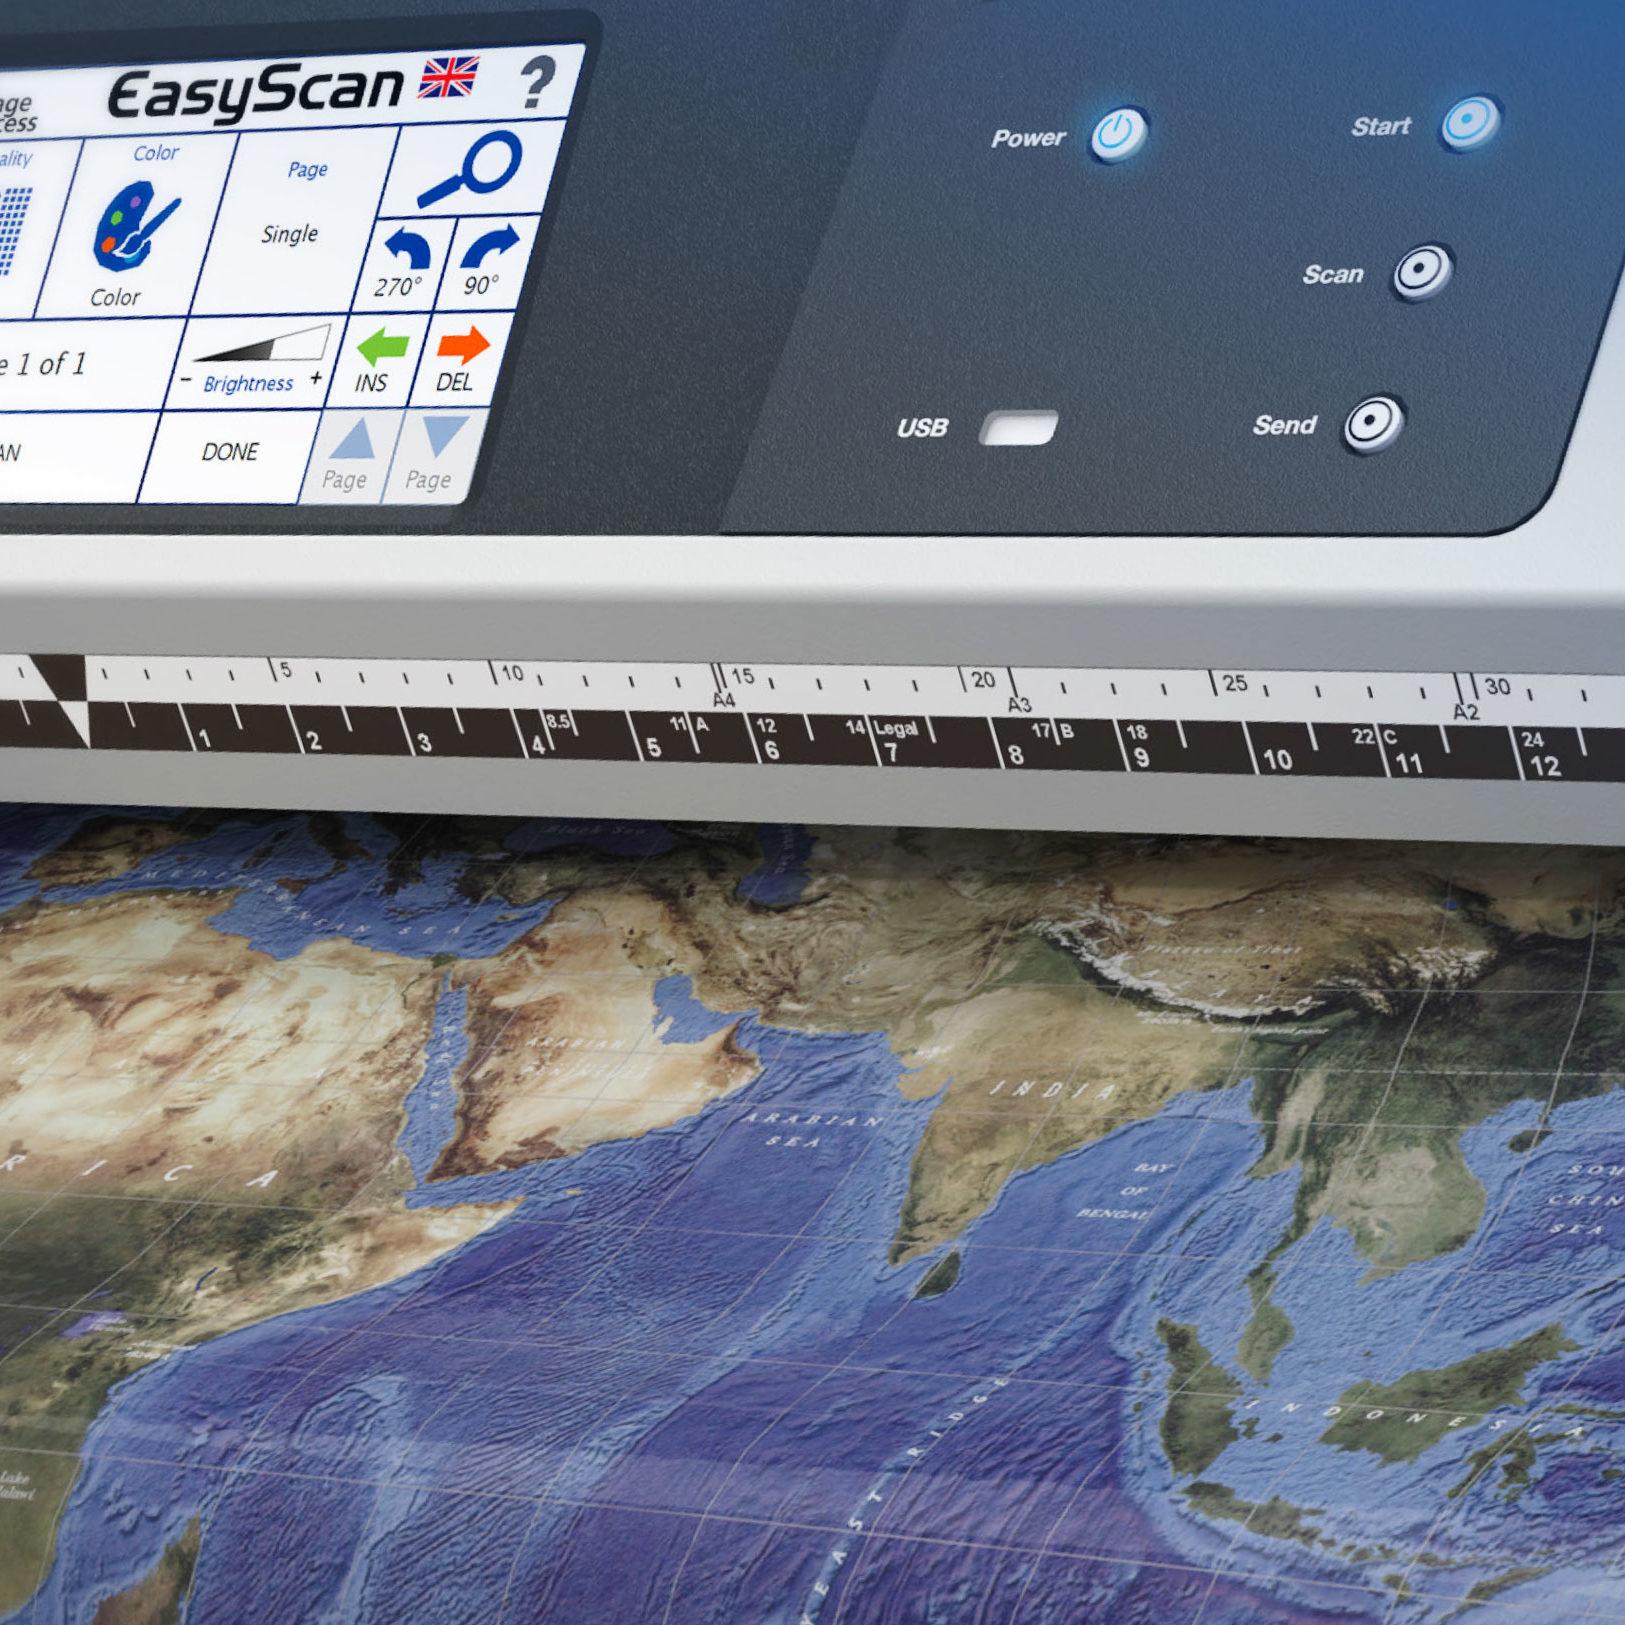 Escaner-ImageAccess